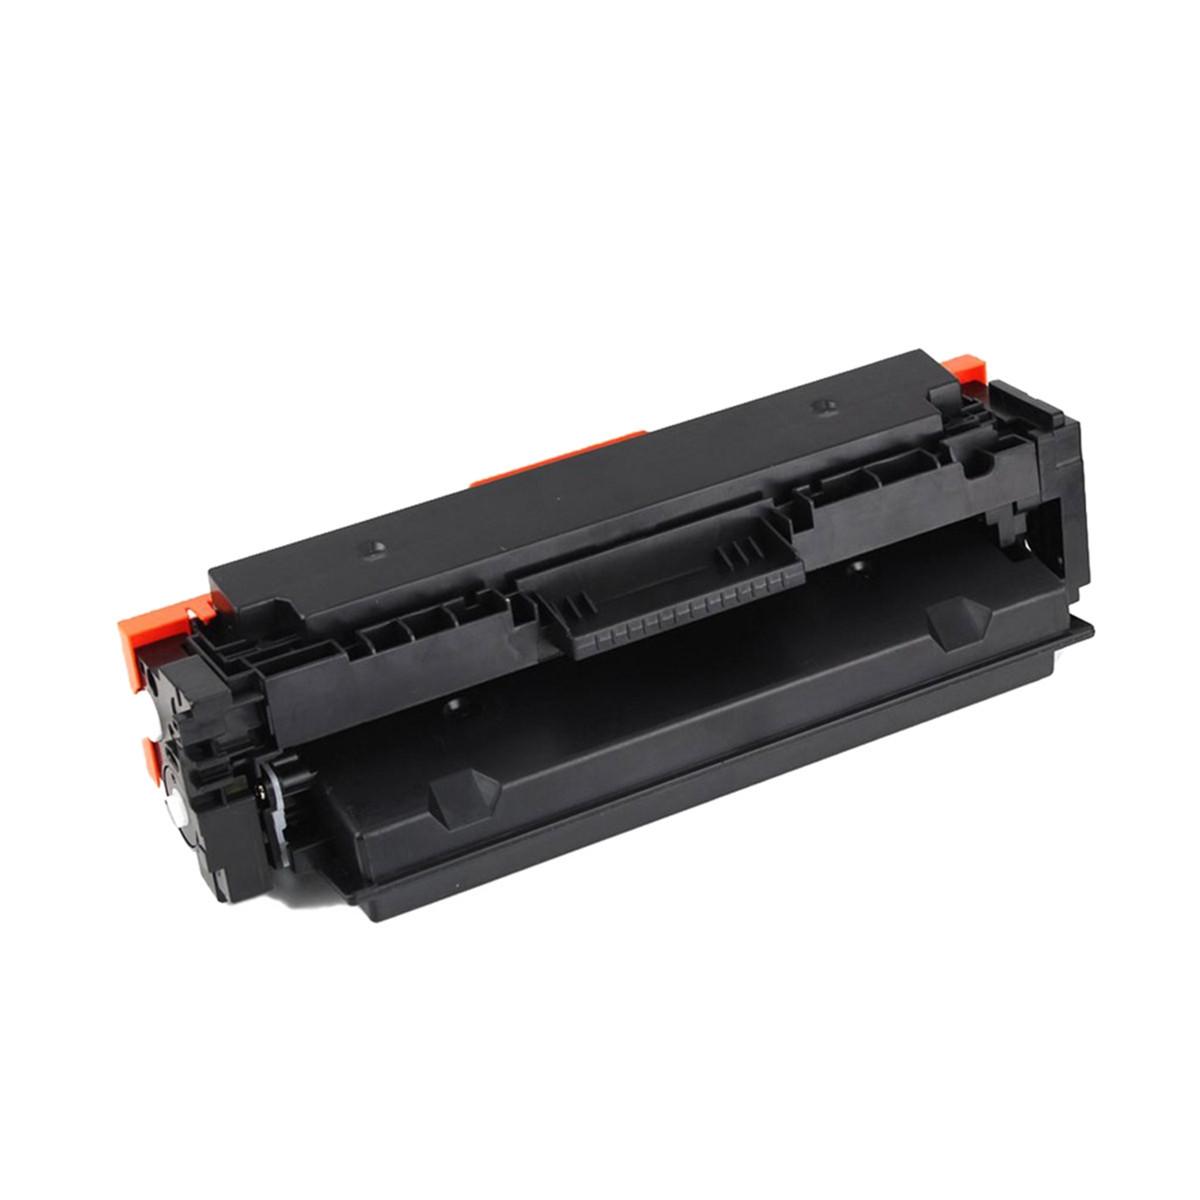 Toner Compatível com HP CF413X 410X Magenta | M452DN M452DW M452NW M477FDN M477FDW | Importado 5k